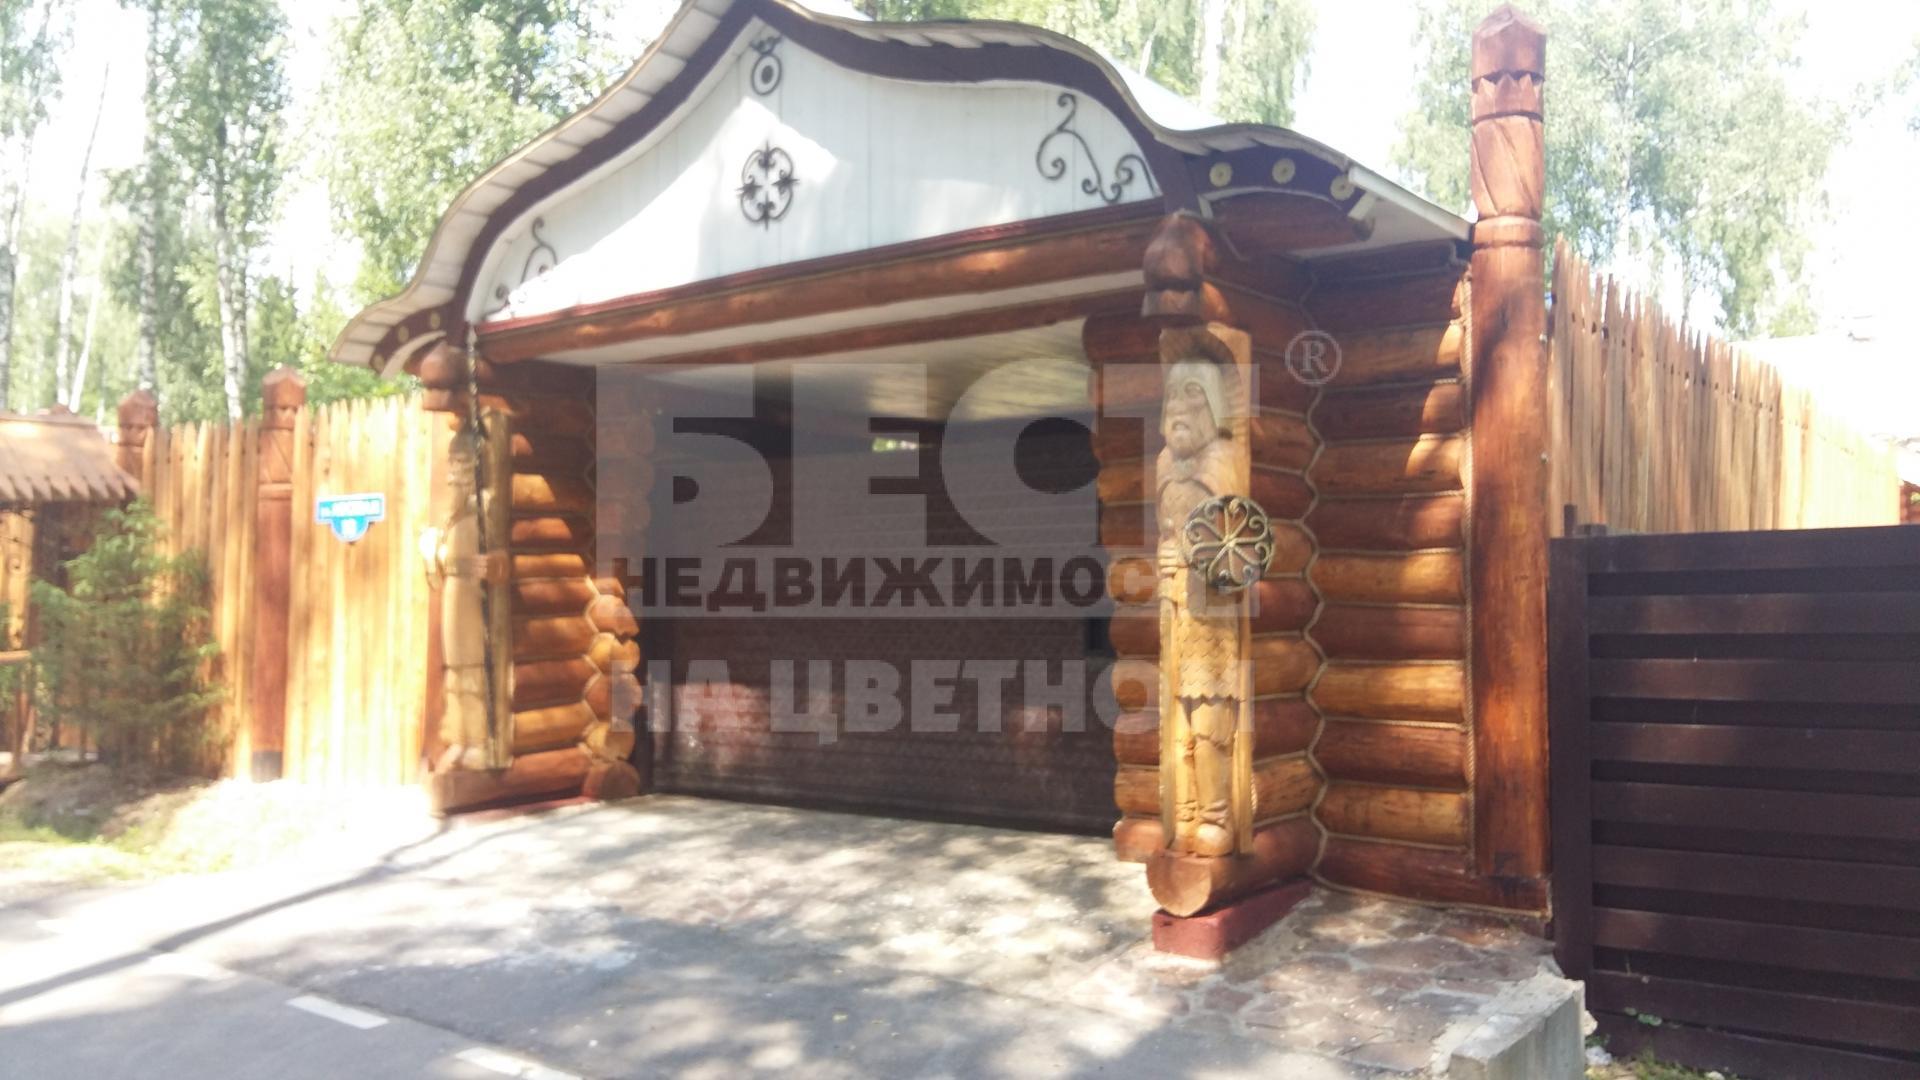 Ходаево, коттеджный посёлок Лесной Ручей